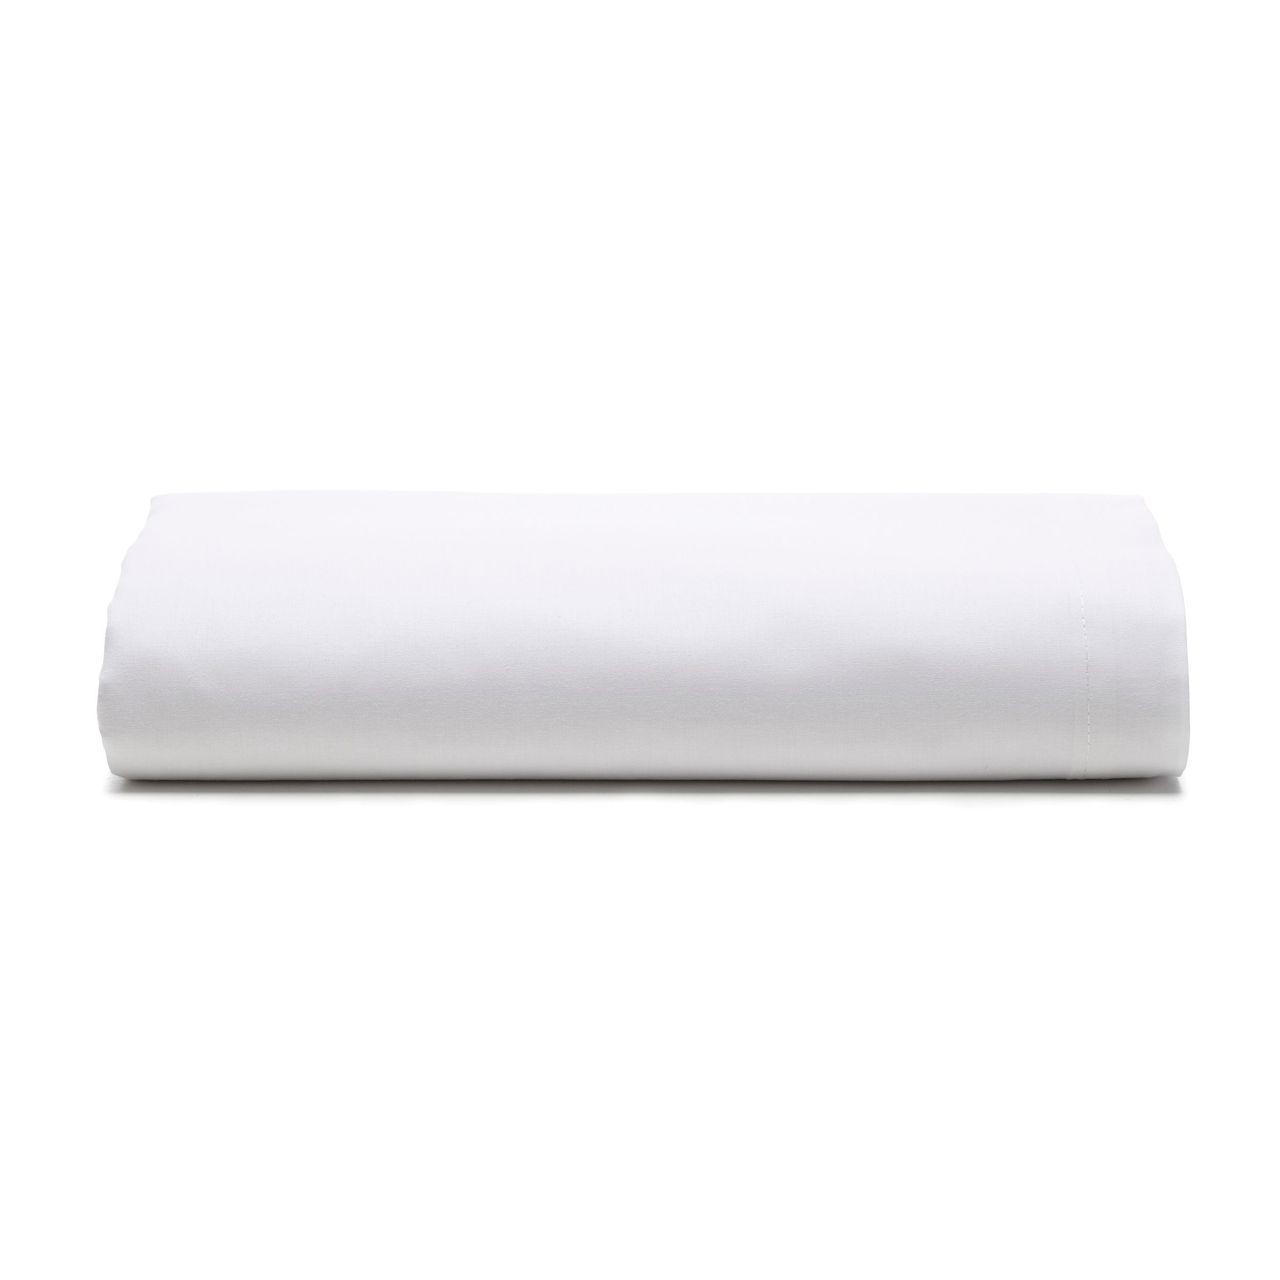 Lençol com elástico casal Prata 150 fios 100% algodão Branco - Santista